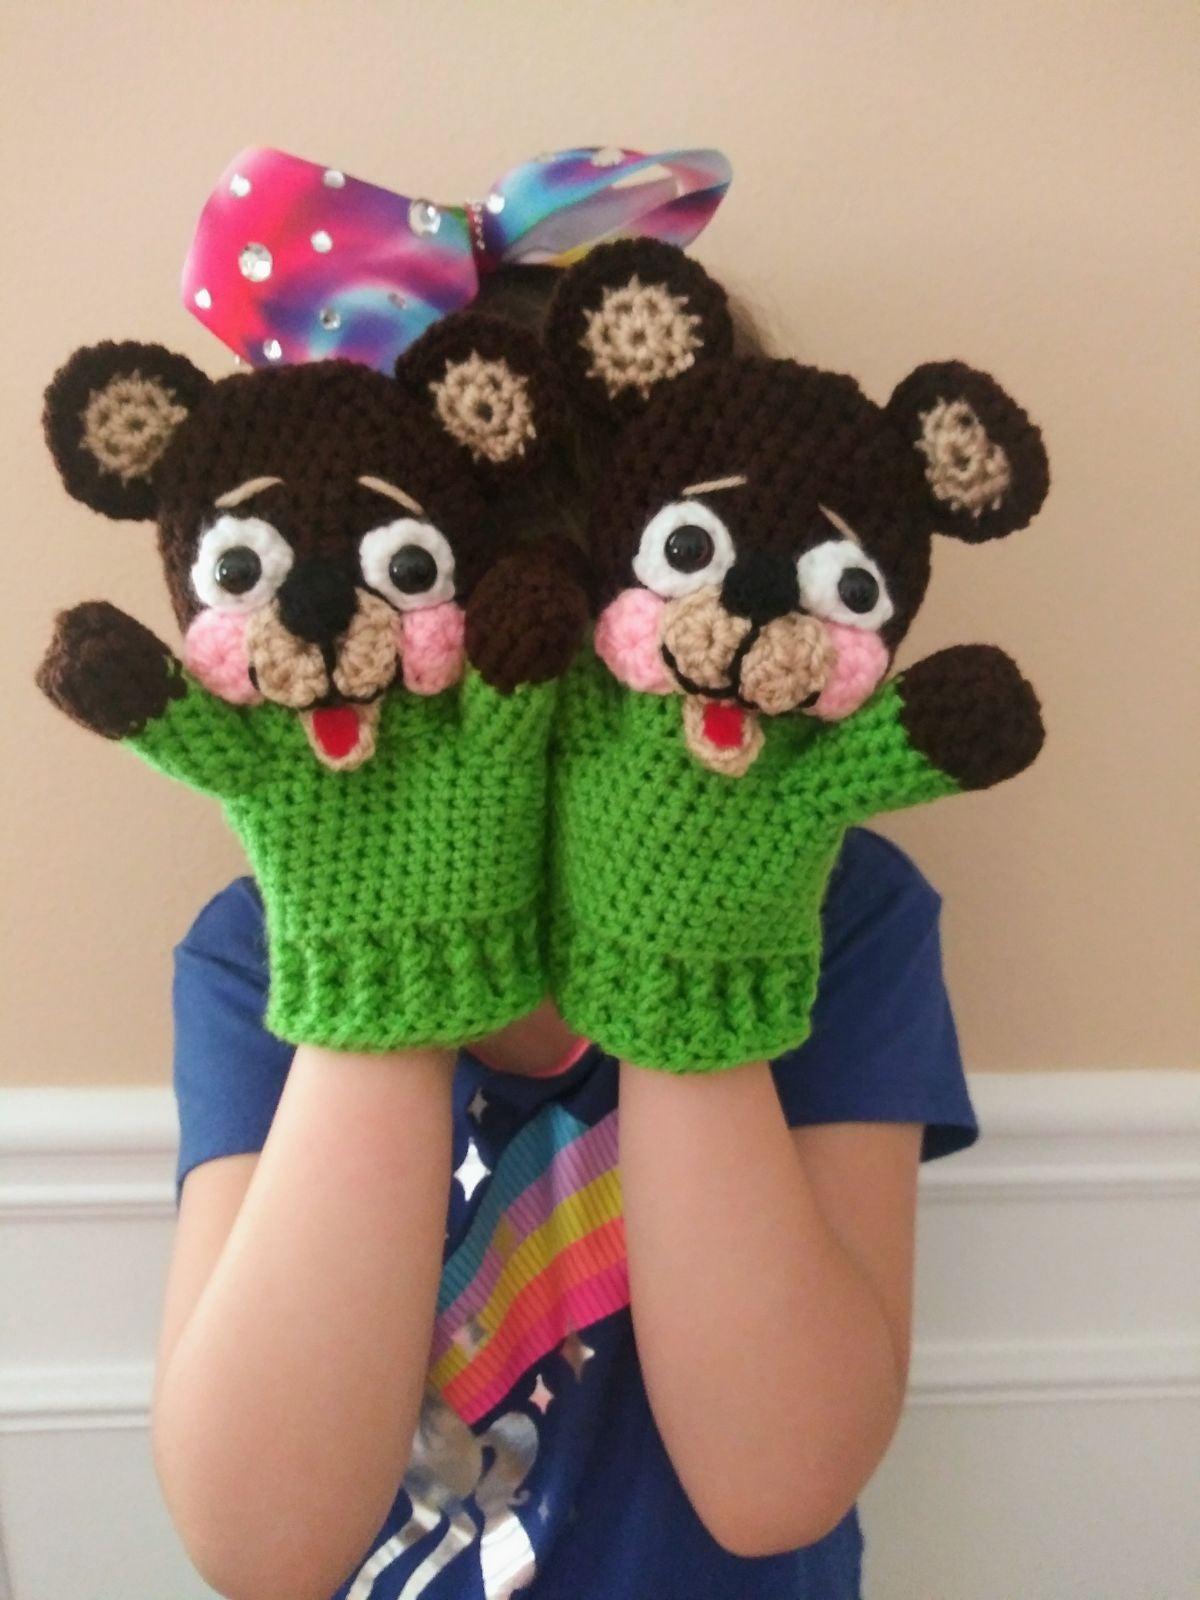 Handmade Crocheted Bear Mittens / Puppet